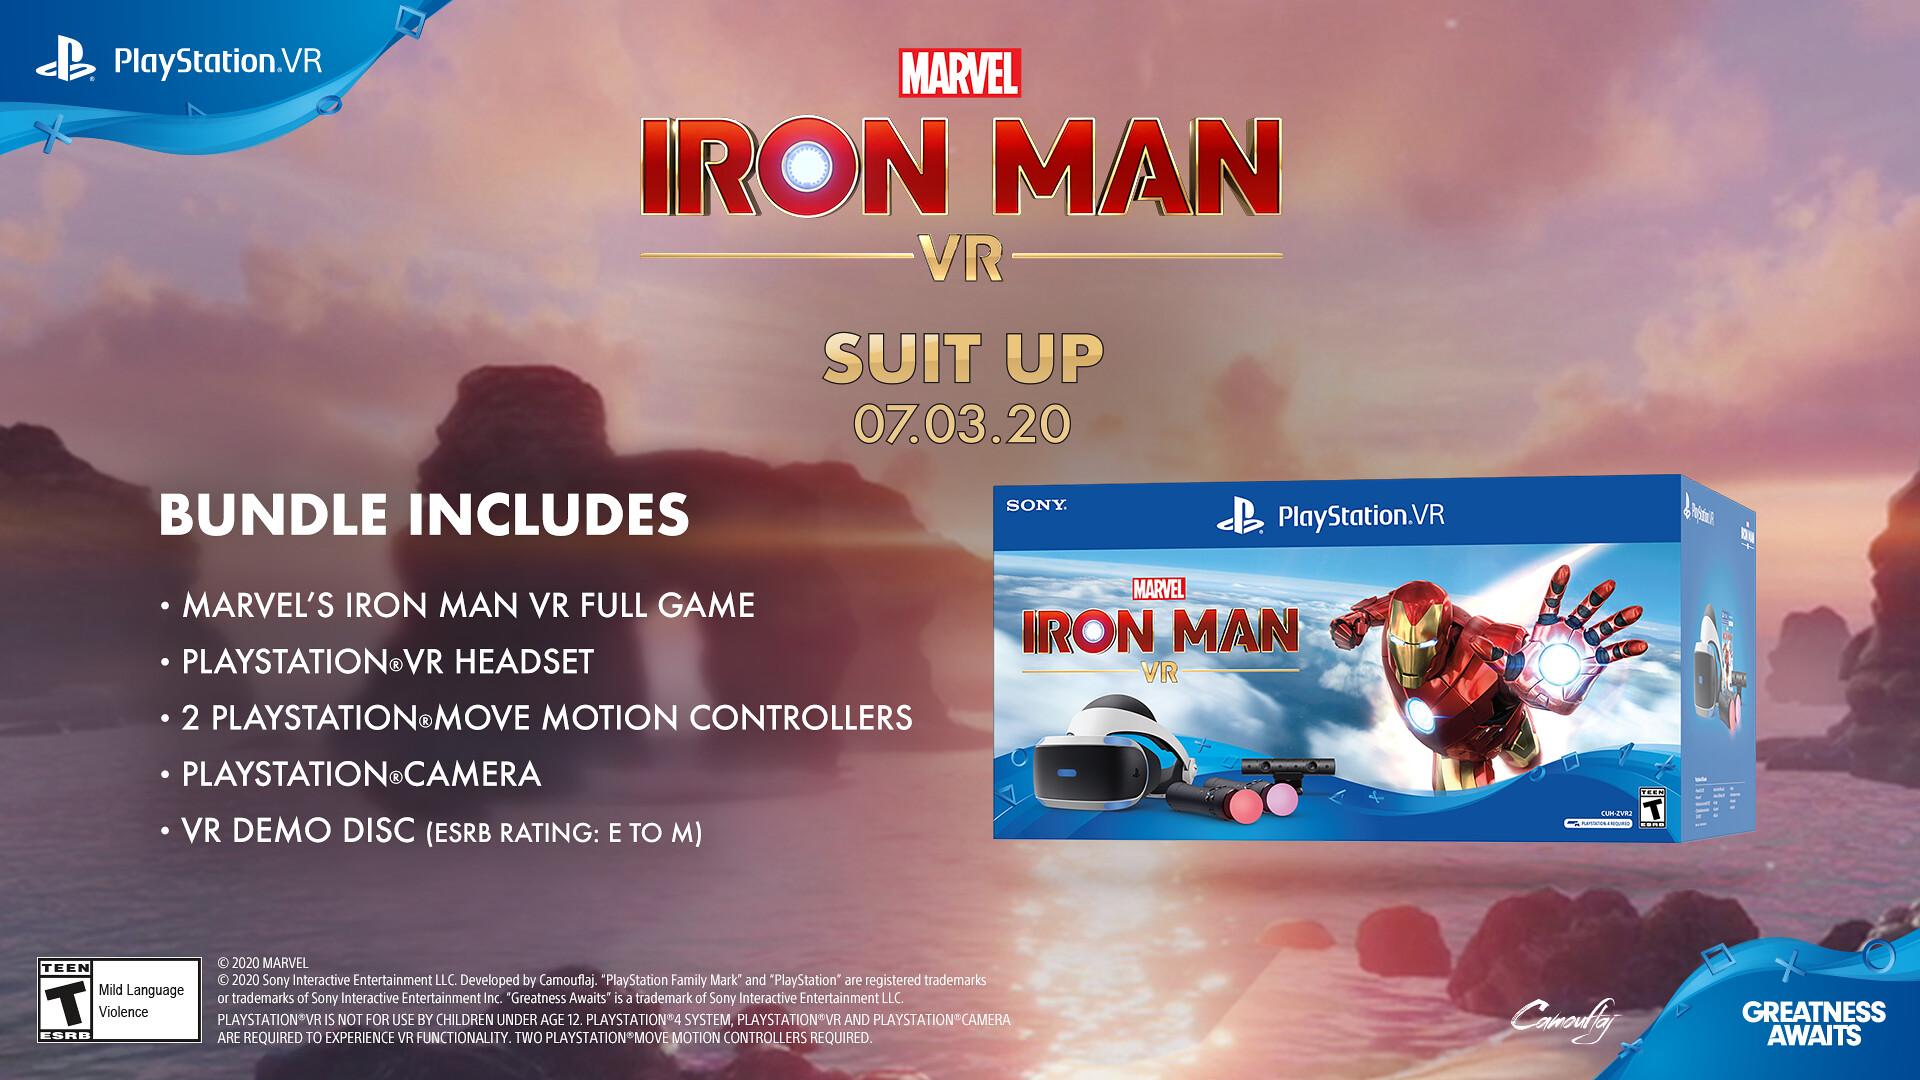 Демоверсия Marvel's Iron Man VR уже доступна, анонсирован комплект PlayStation VR